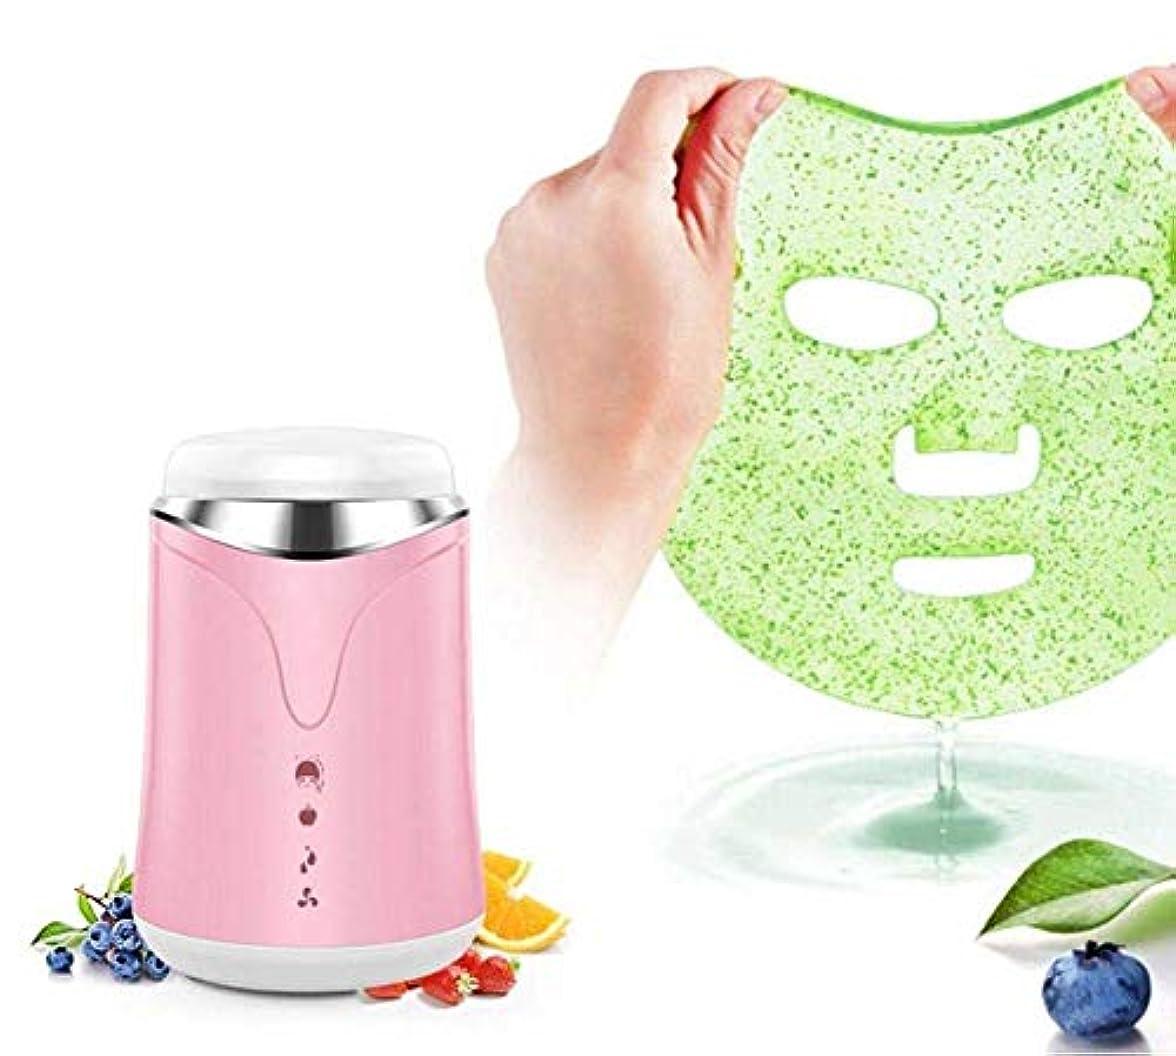 人物アウトドアそんなに果物と野菜のマスクを作るマシン、顔の汽船インテリジェント自動フェイシャルケア機器/保湿美容機器自家製の液体マスク,Pink